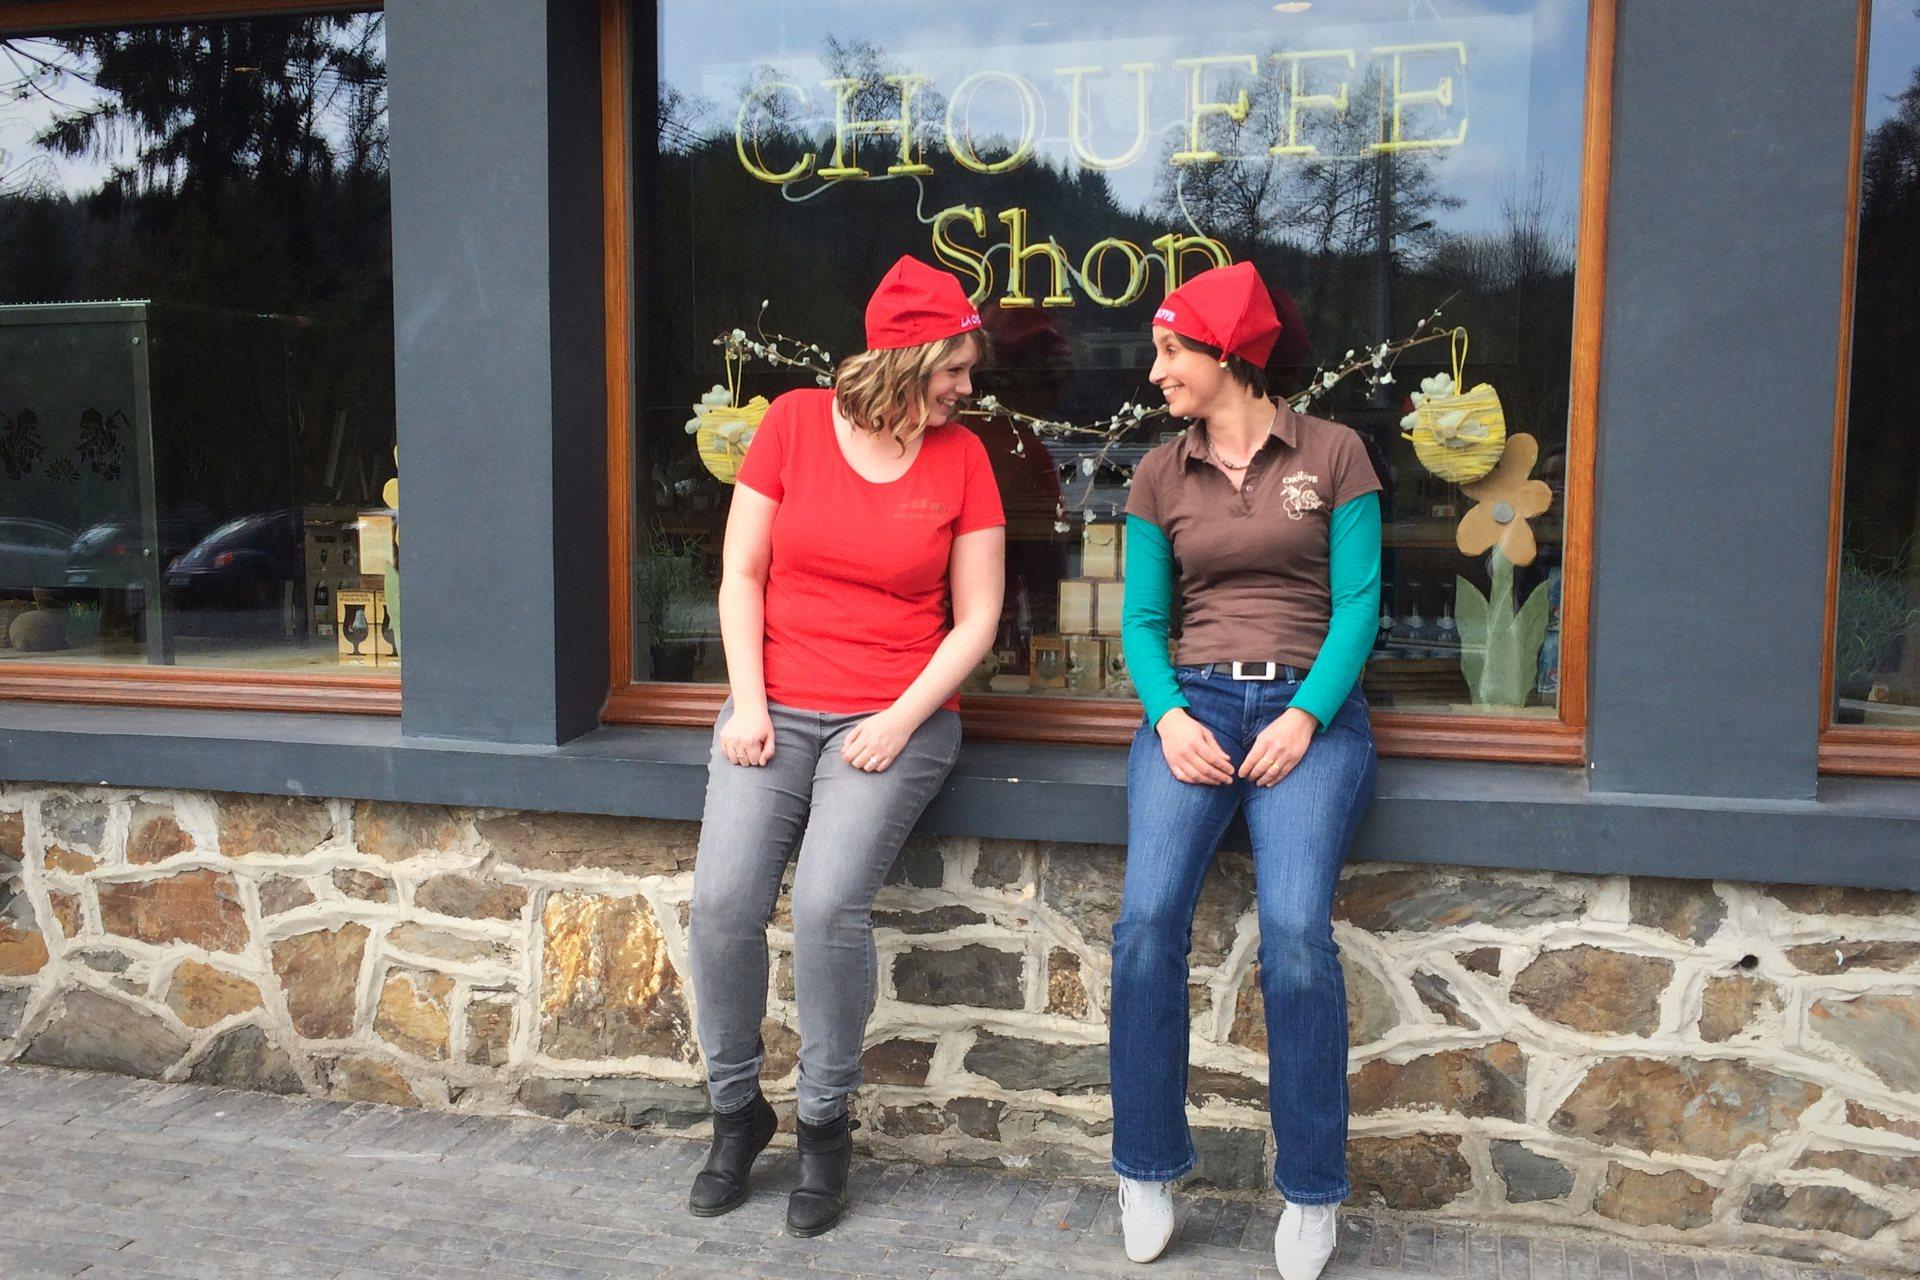 Laetitia et Stéphanie devant le CHOUFFE-Shop